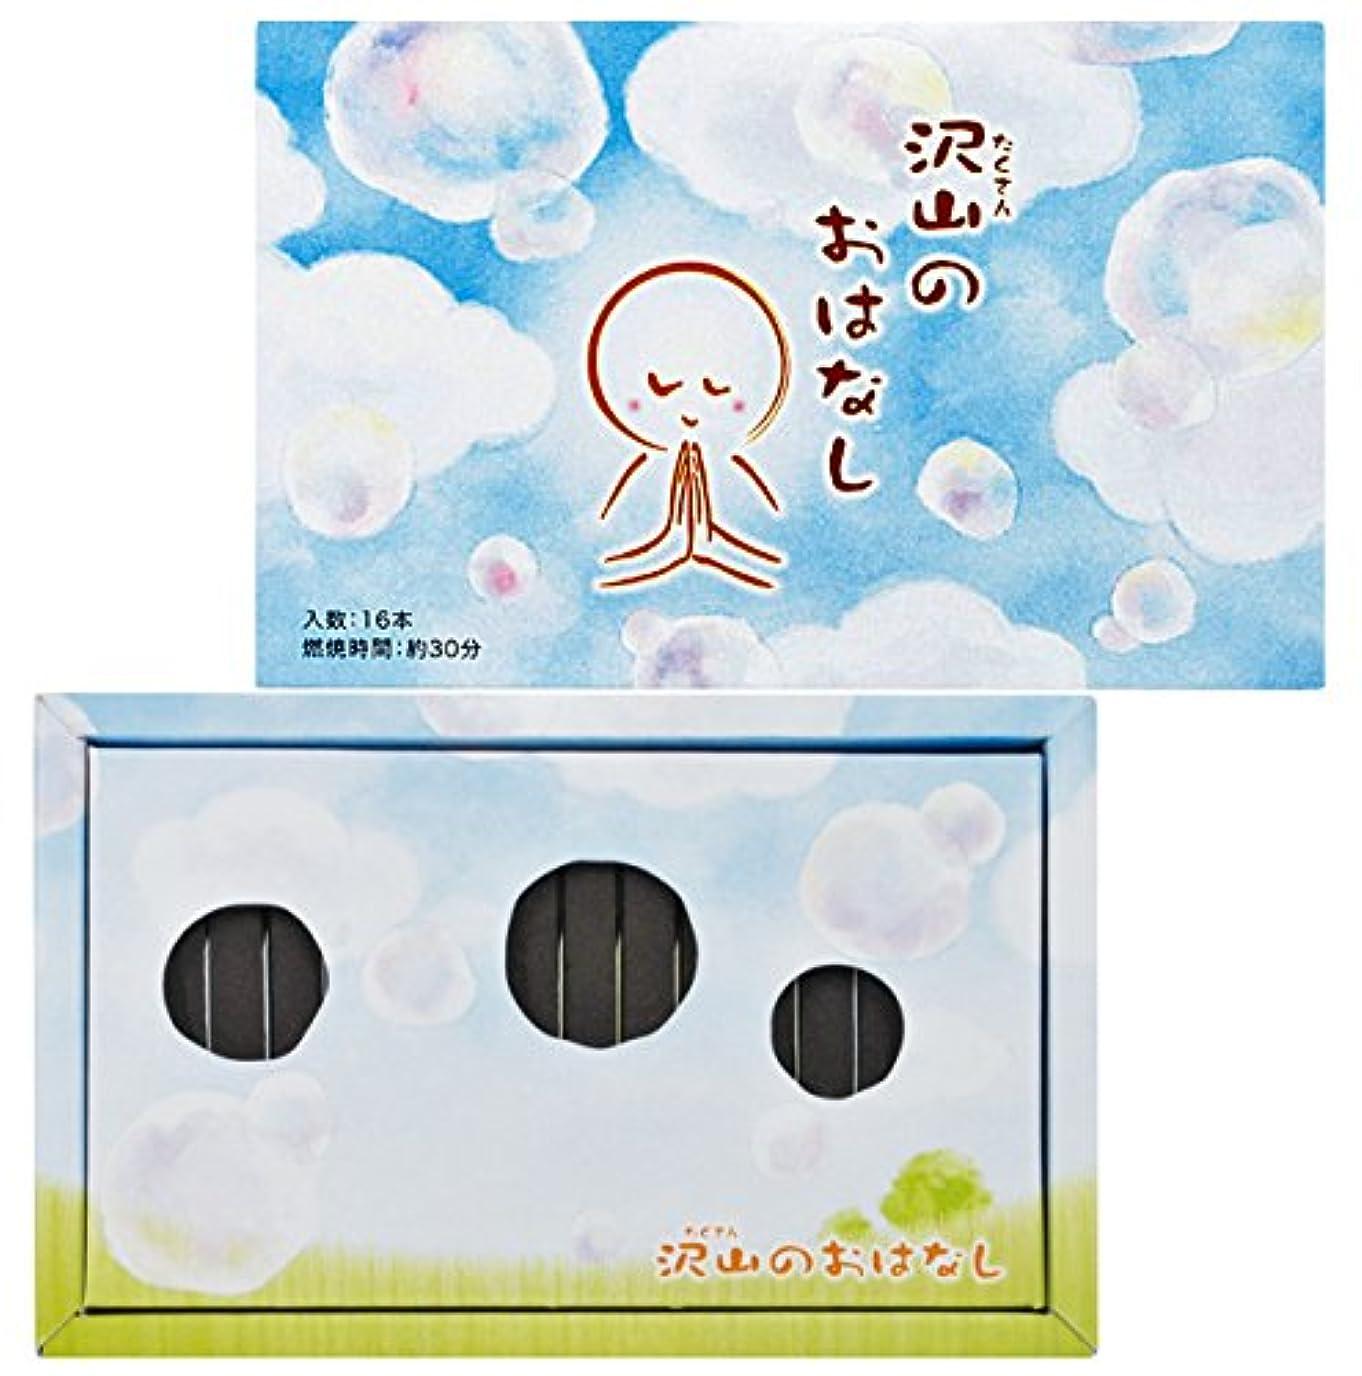 化粧冷蔵庫硬い丸叶むらたの文字が浮き出るお香 沢山のおはなし #O-01